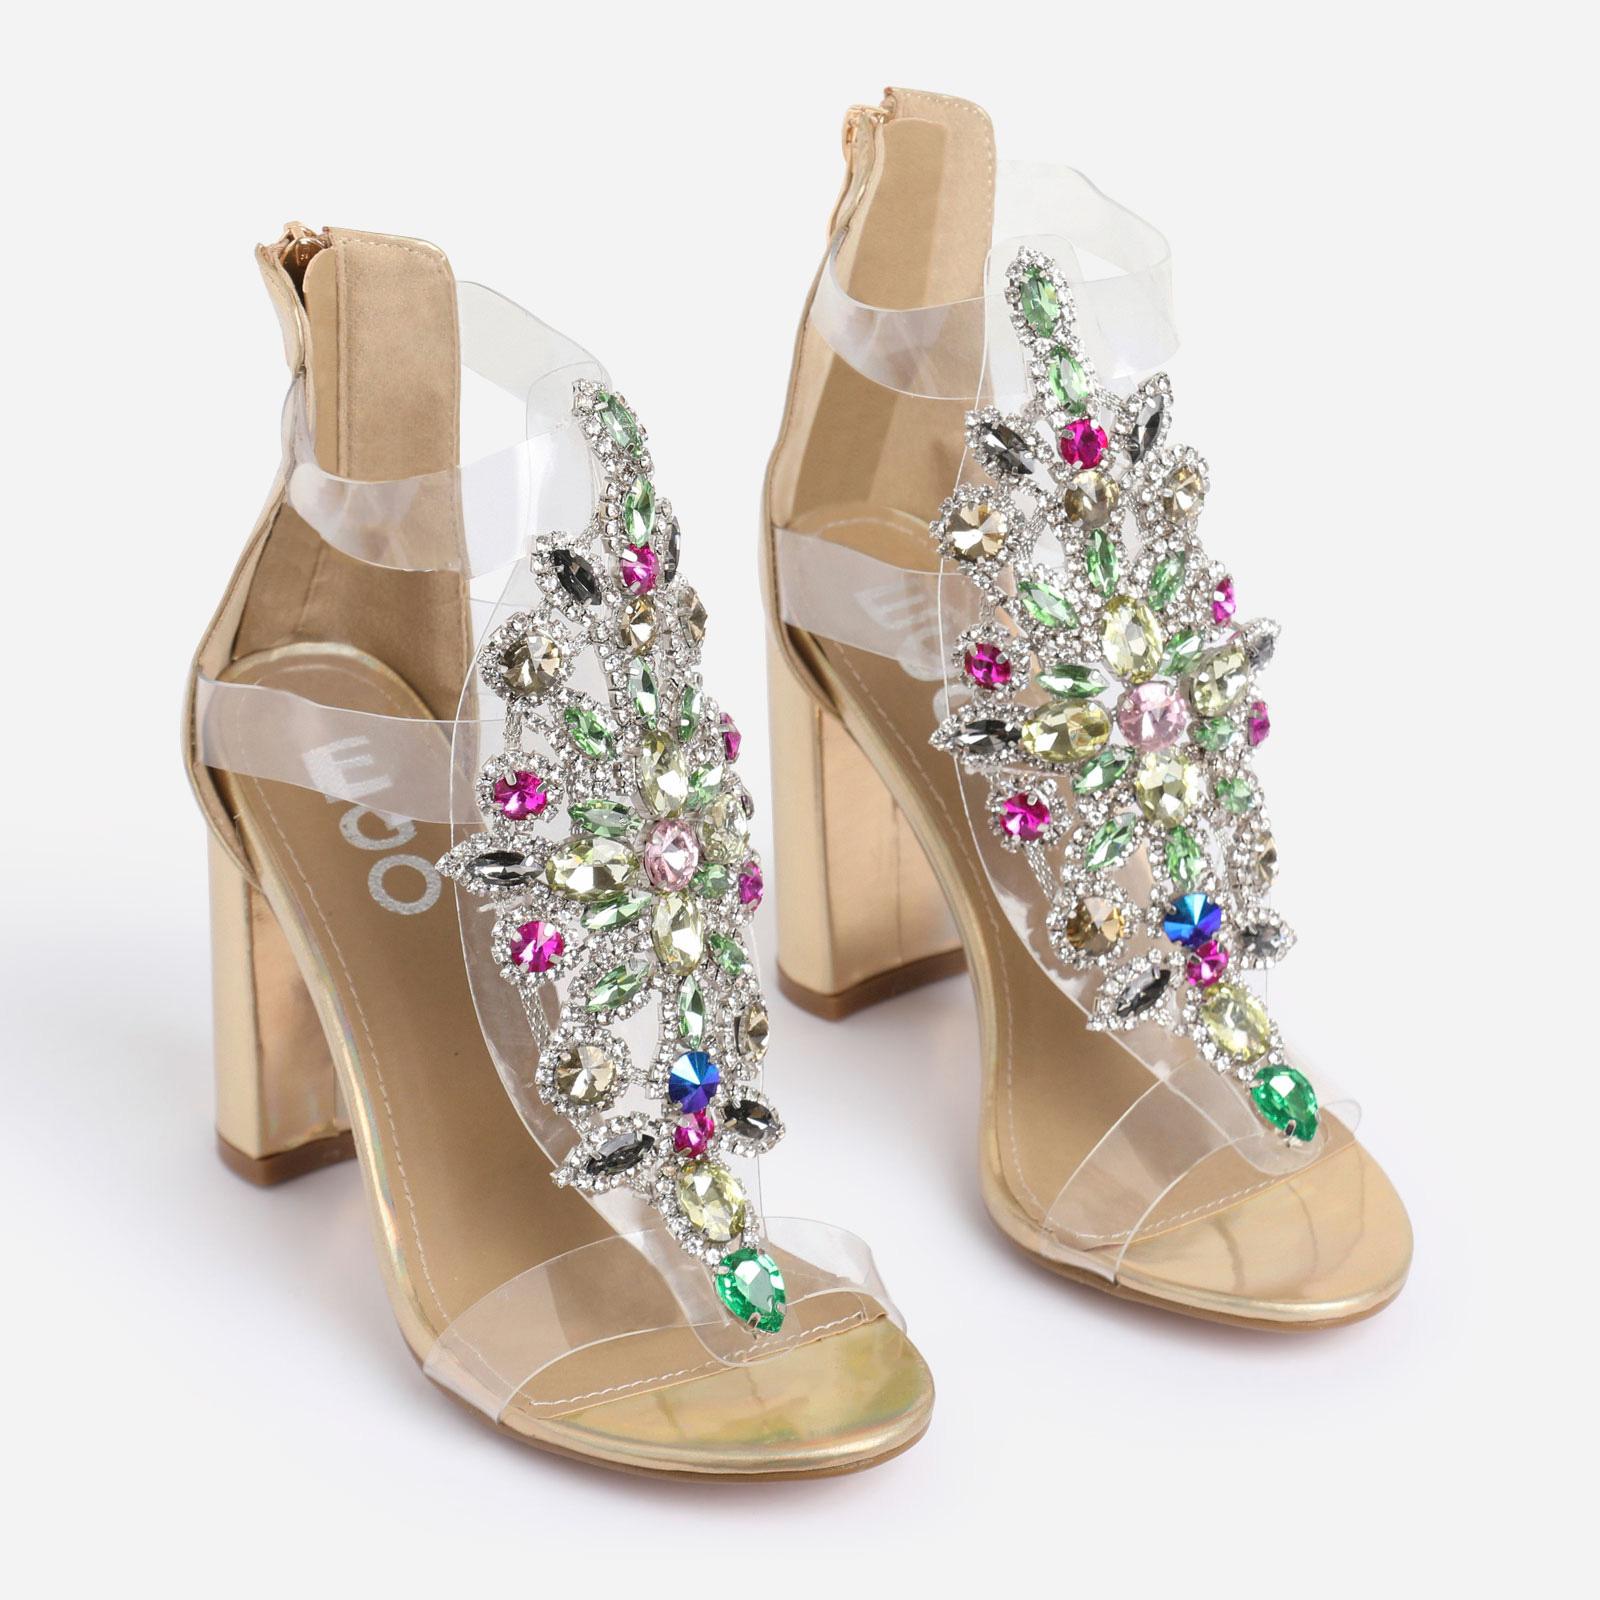 Tatum Jewel Embellished Block Heel In Metallic Gold Faux Leather